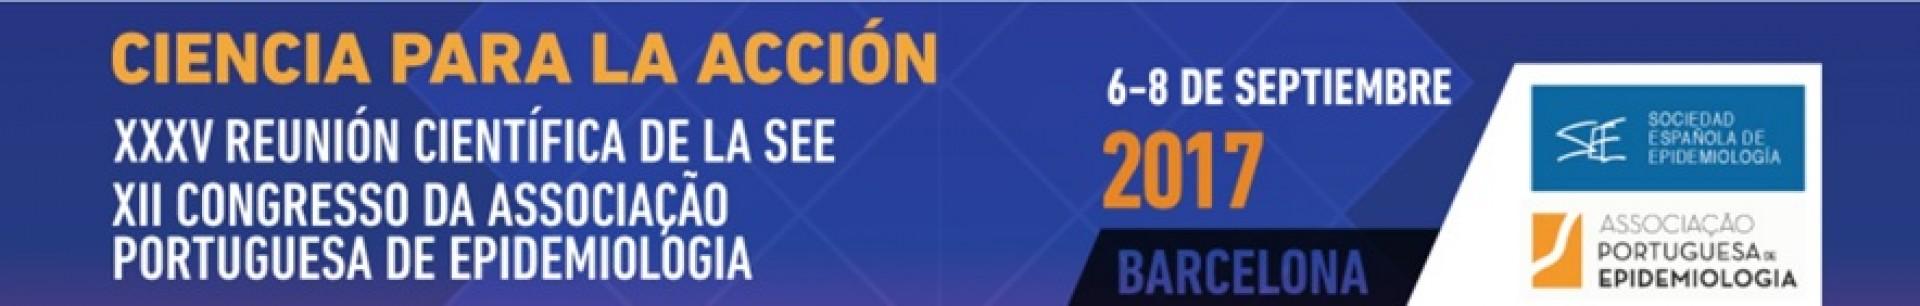 Ciencia para la Acción en Barcelona reunirá a más de un millar de profesionales de la salud